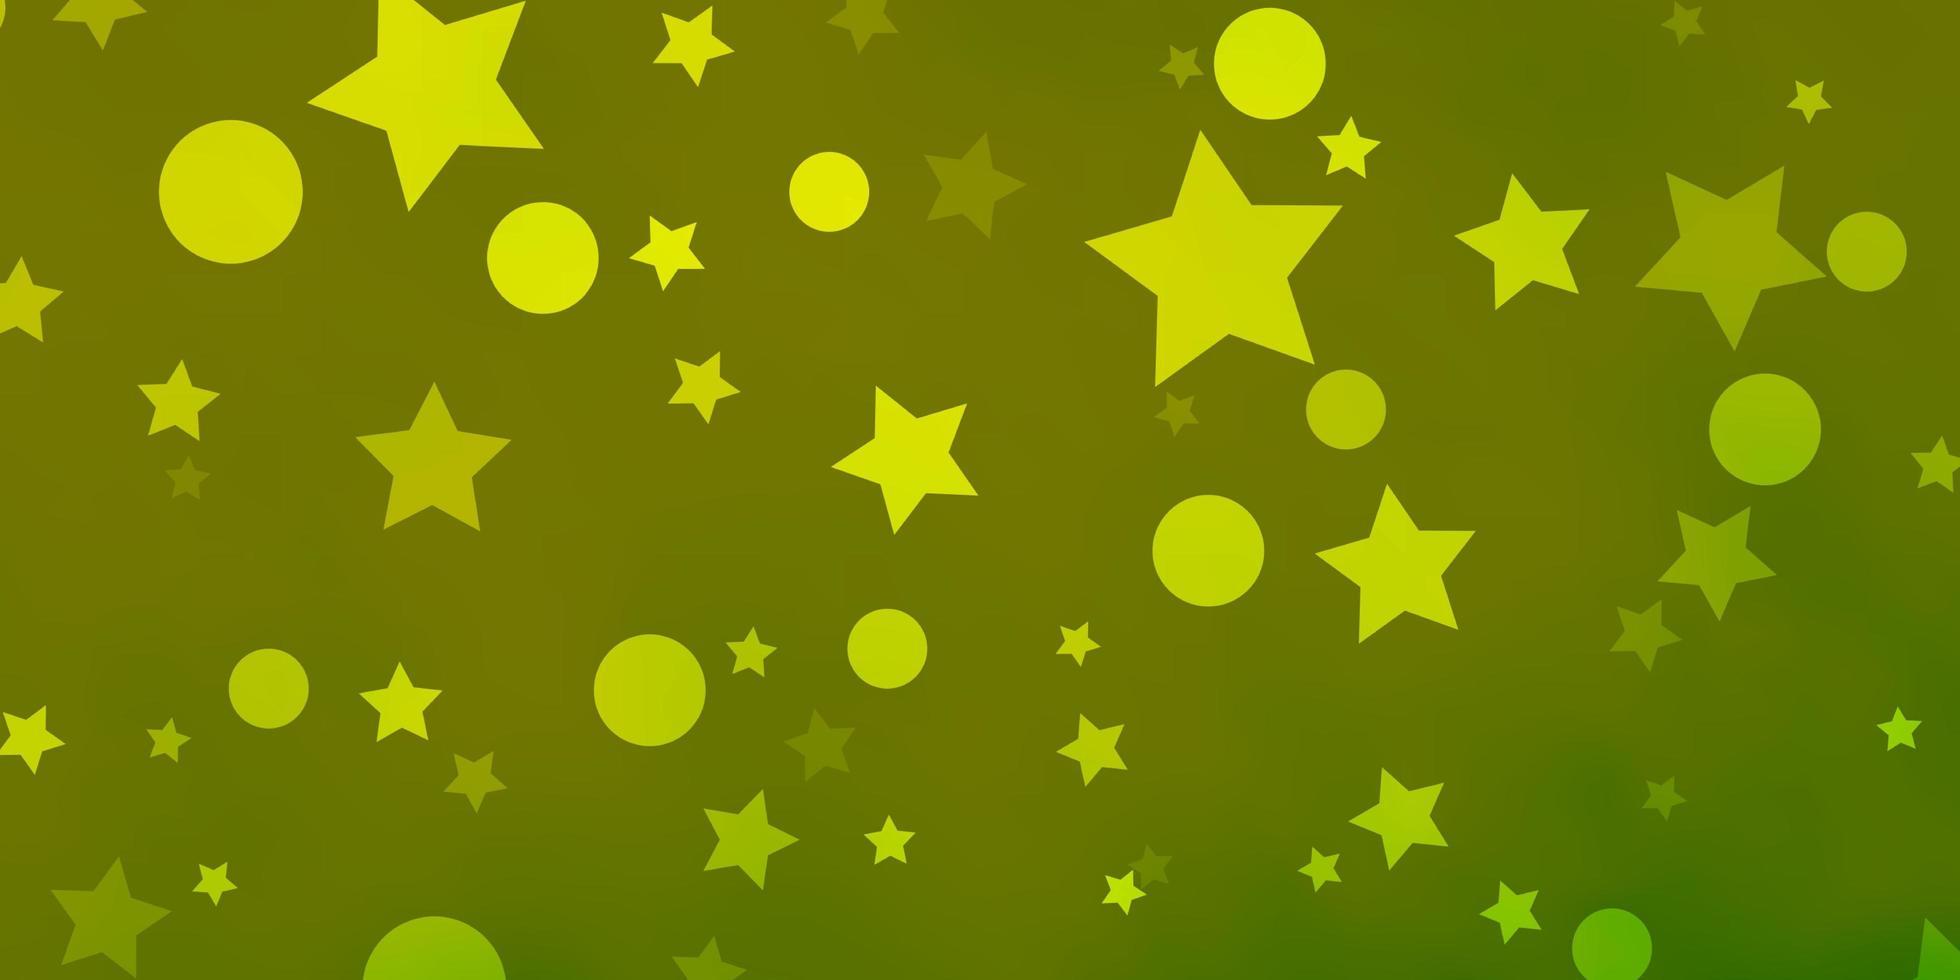 sfondo verde chiaro, giallo con cerchi, stelle. vettore